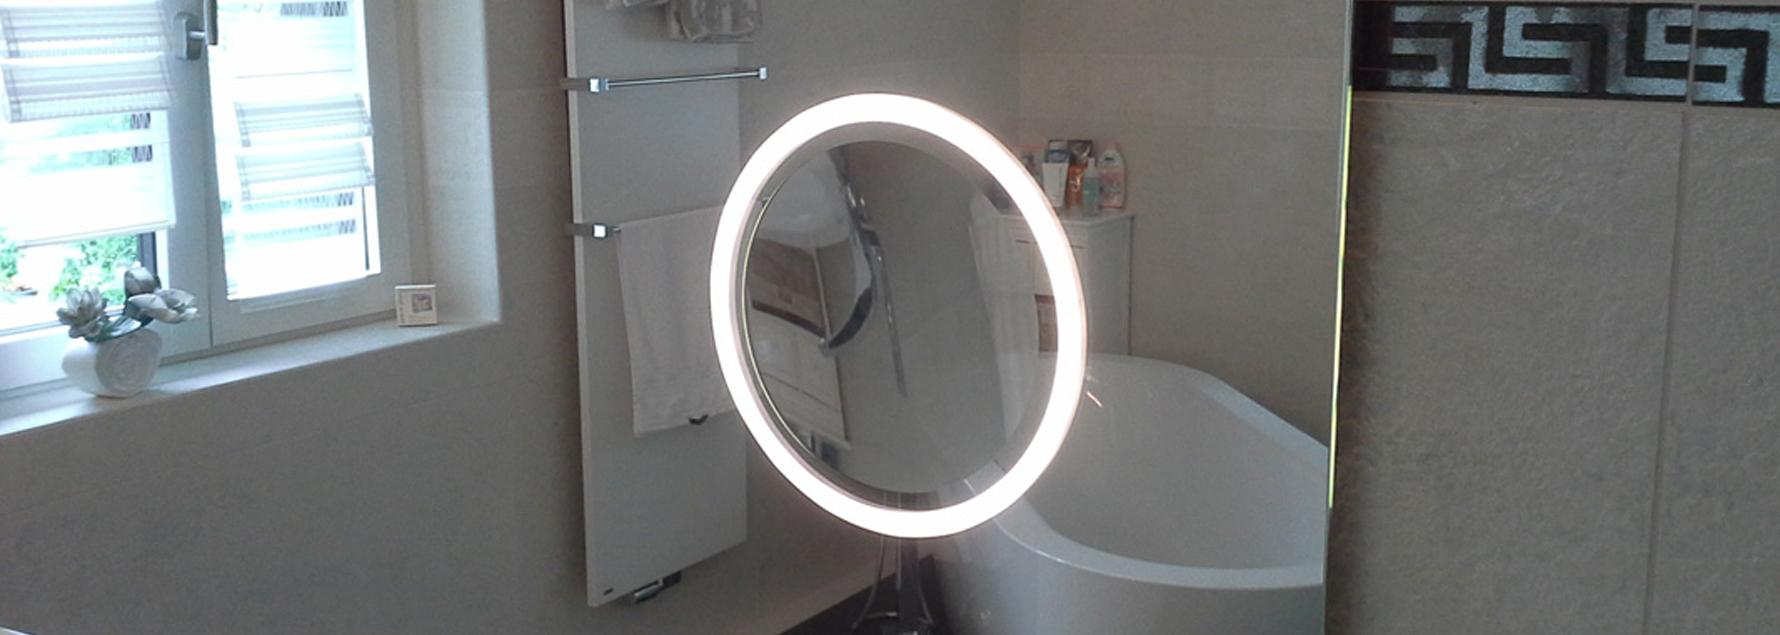 Badspiegel mit integriertem Kosmetikspiegel